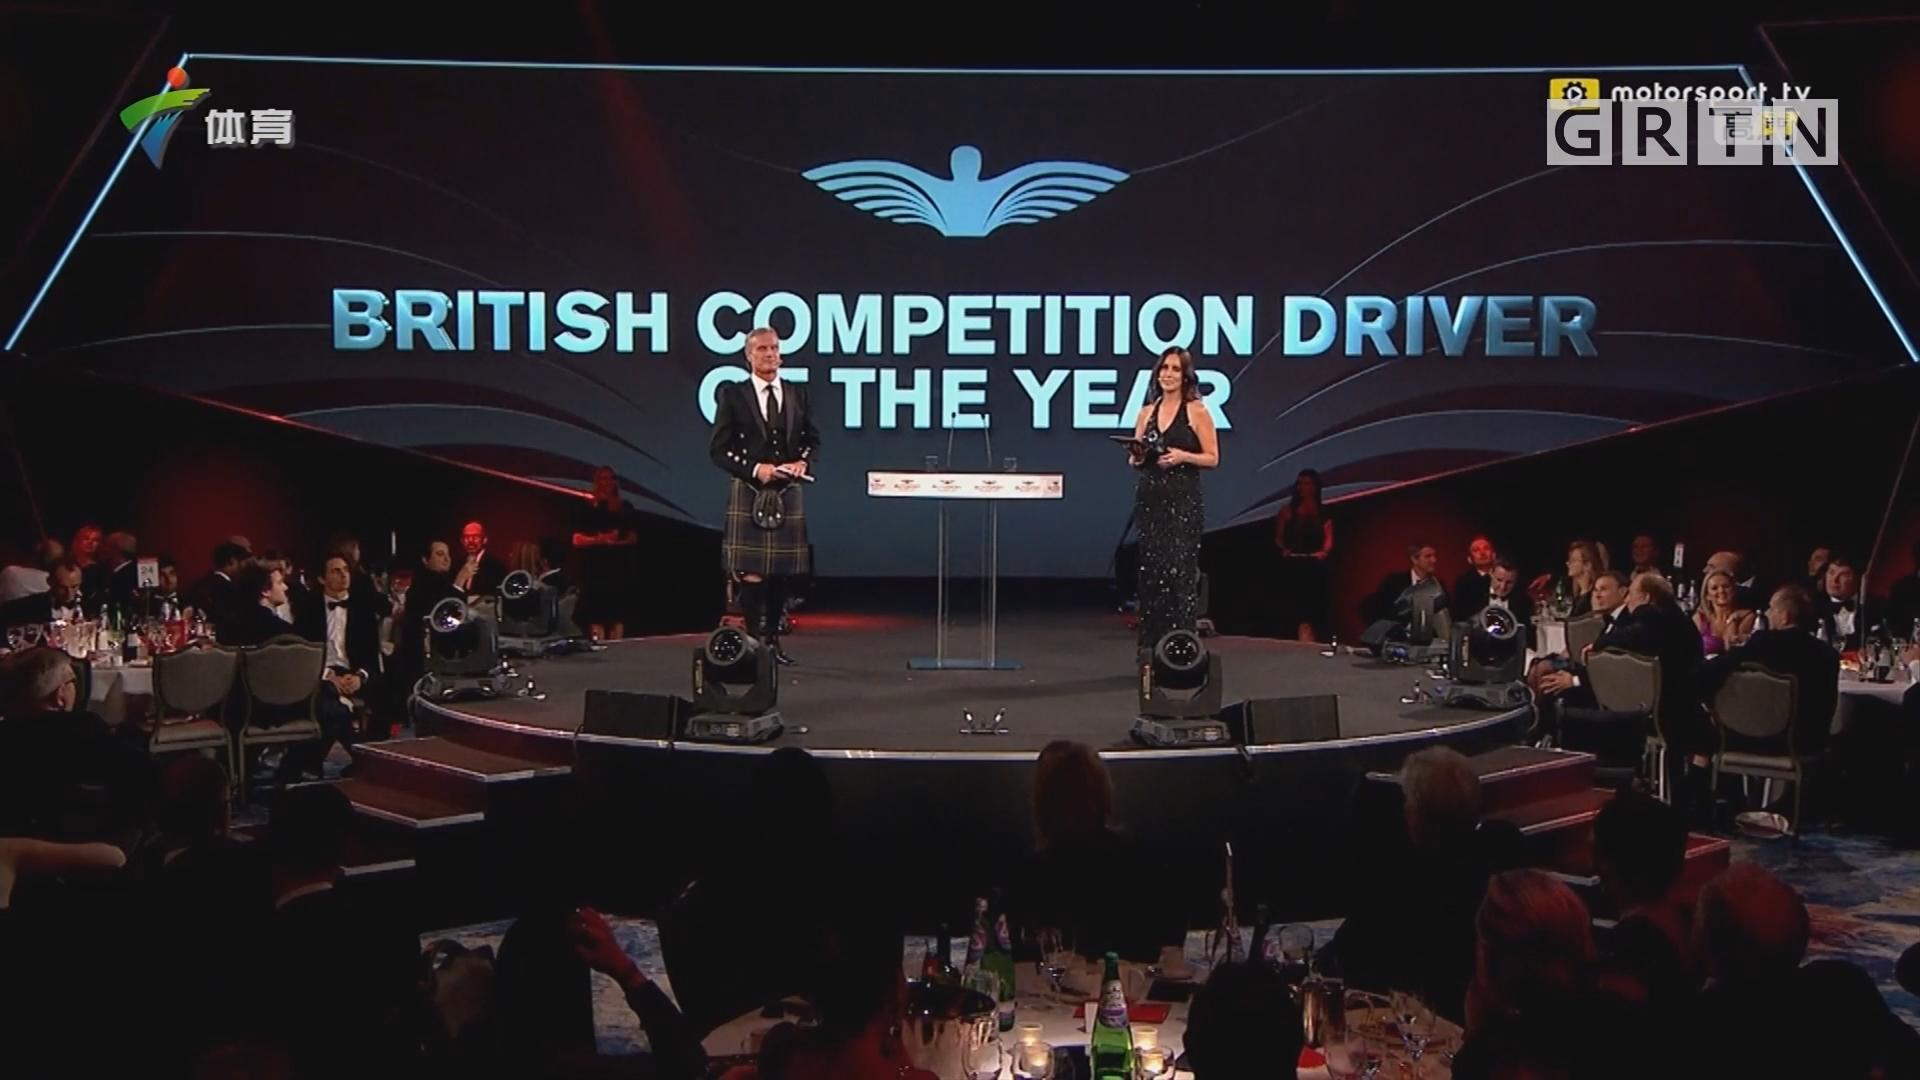 汽车运动颁奖典礼伦敦举行 汉密尔顿获年度最佳车手